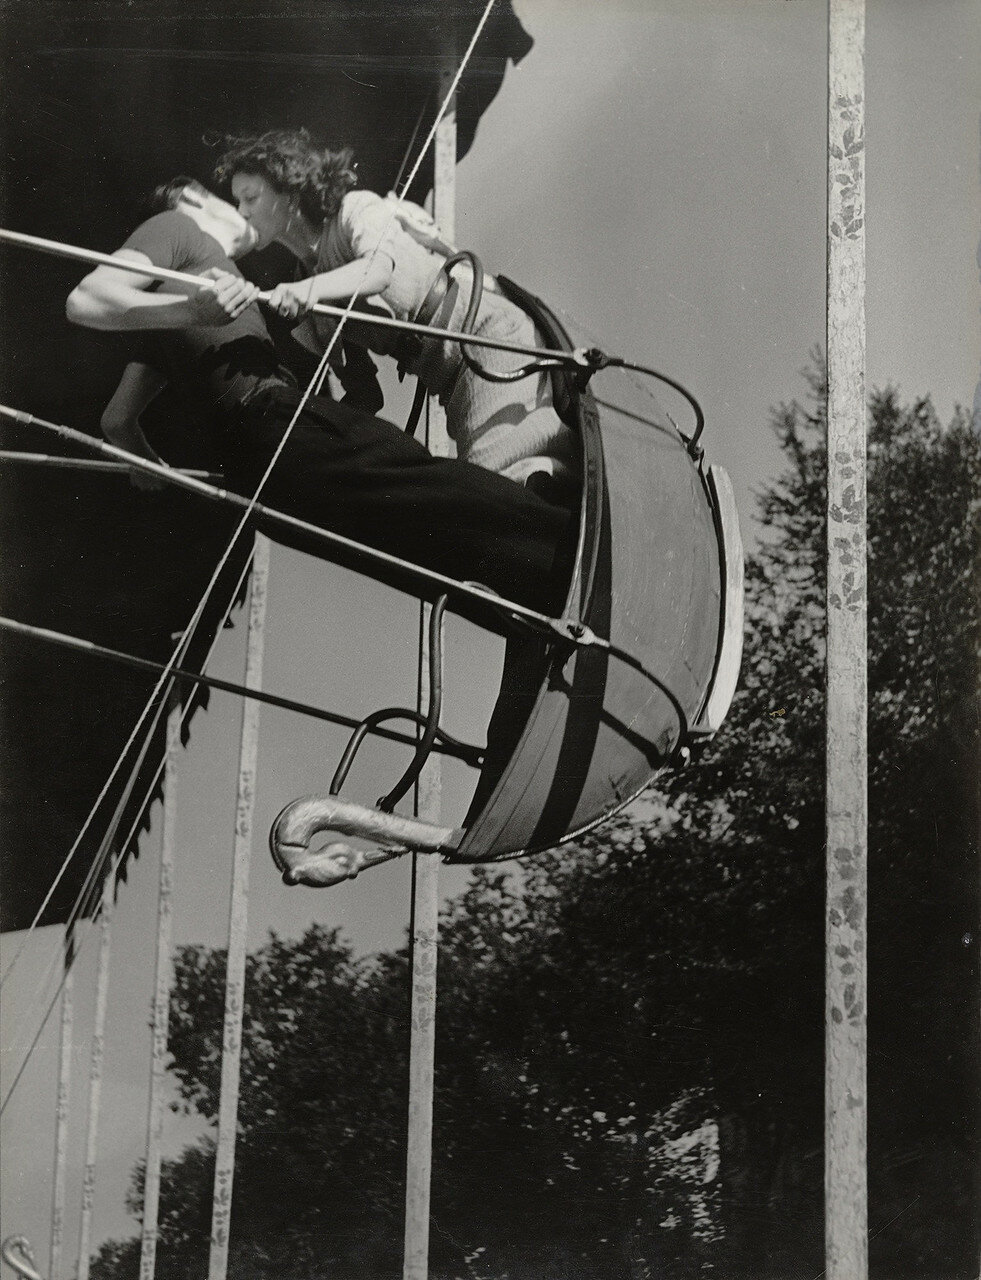 1936. Поцелуй на качелях на уличной ярмарке